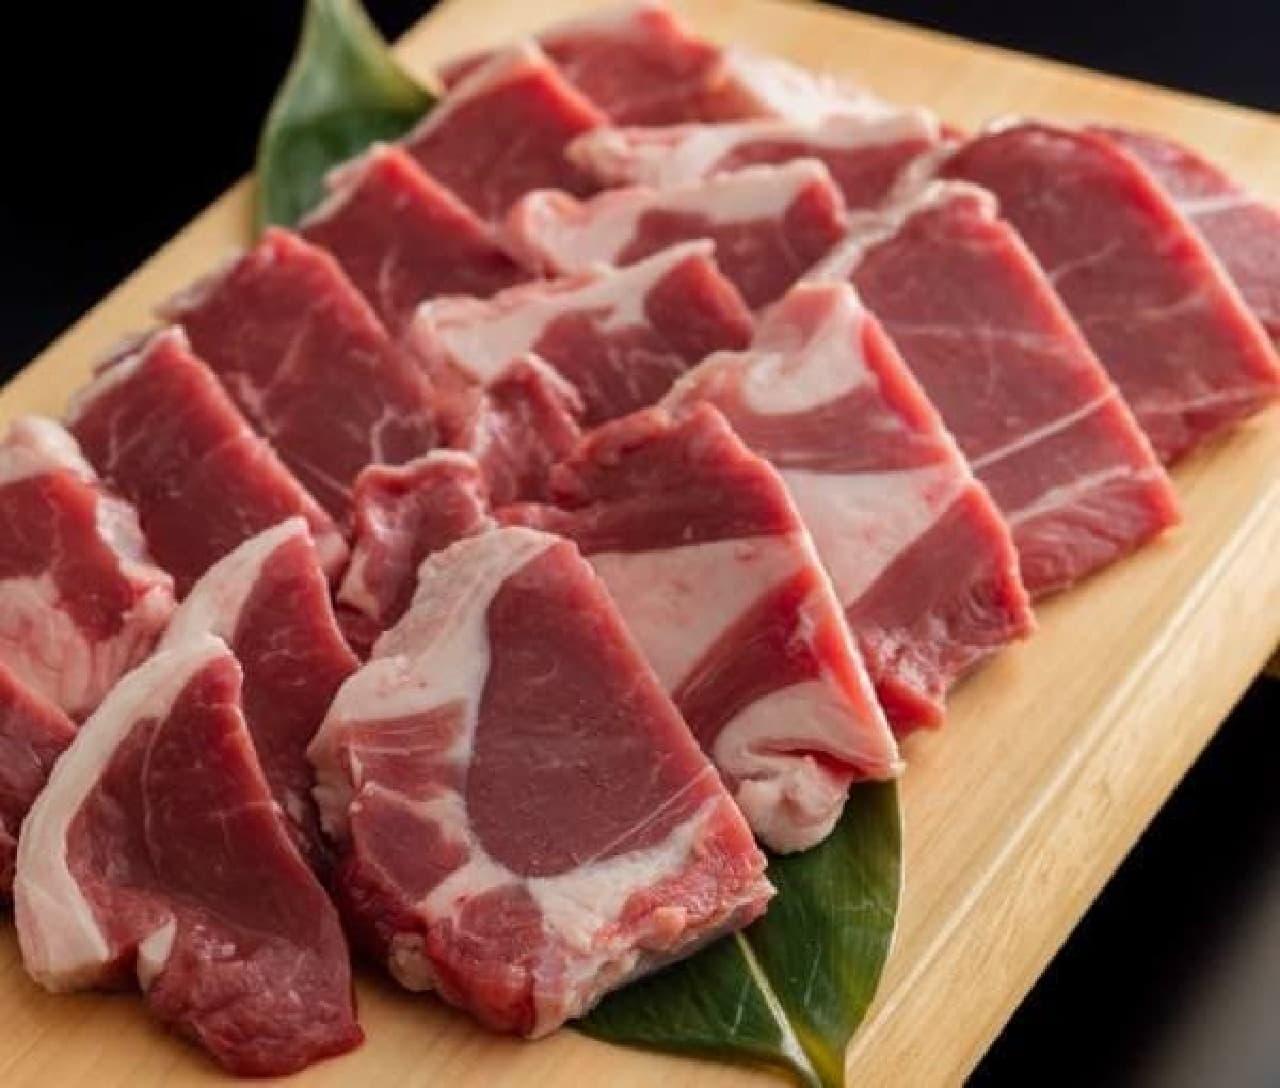 甘太郎「ラム肉食べ放題」 ラムの厚切りランプ肉